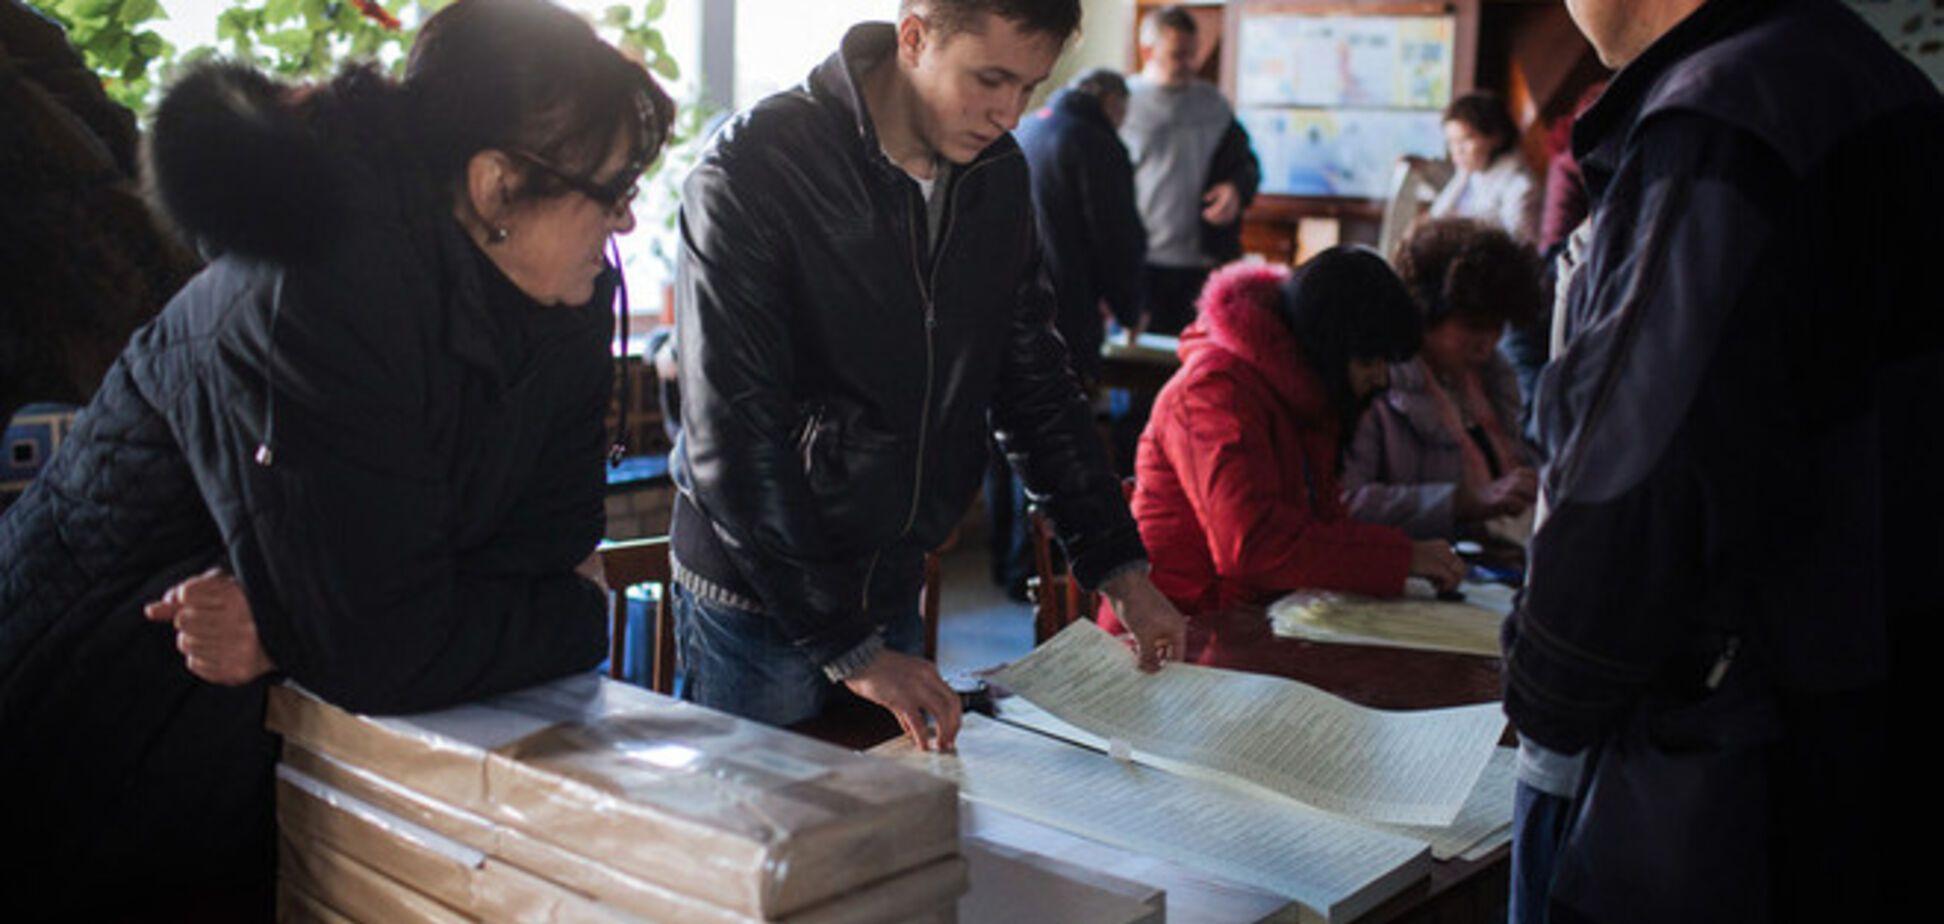 Выборы в Волновахе под угрозой срыва